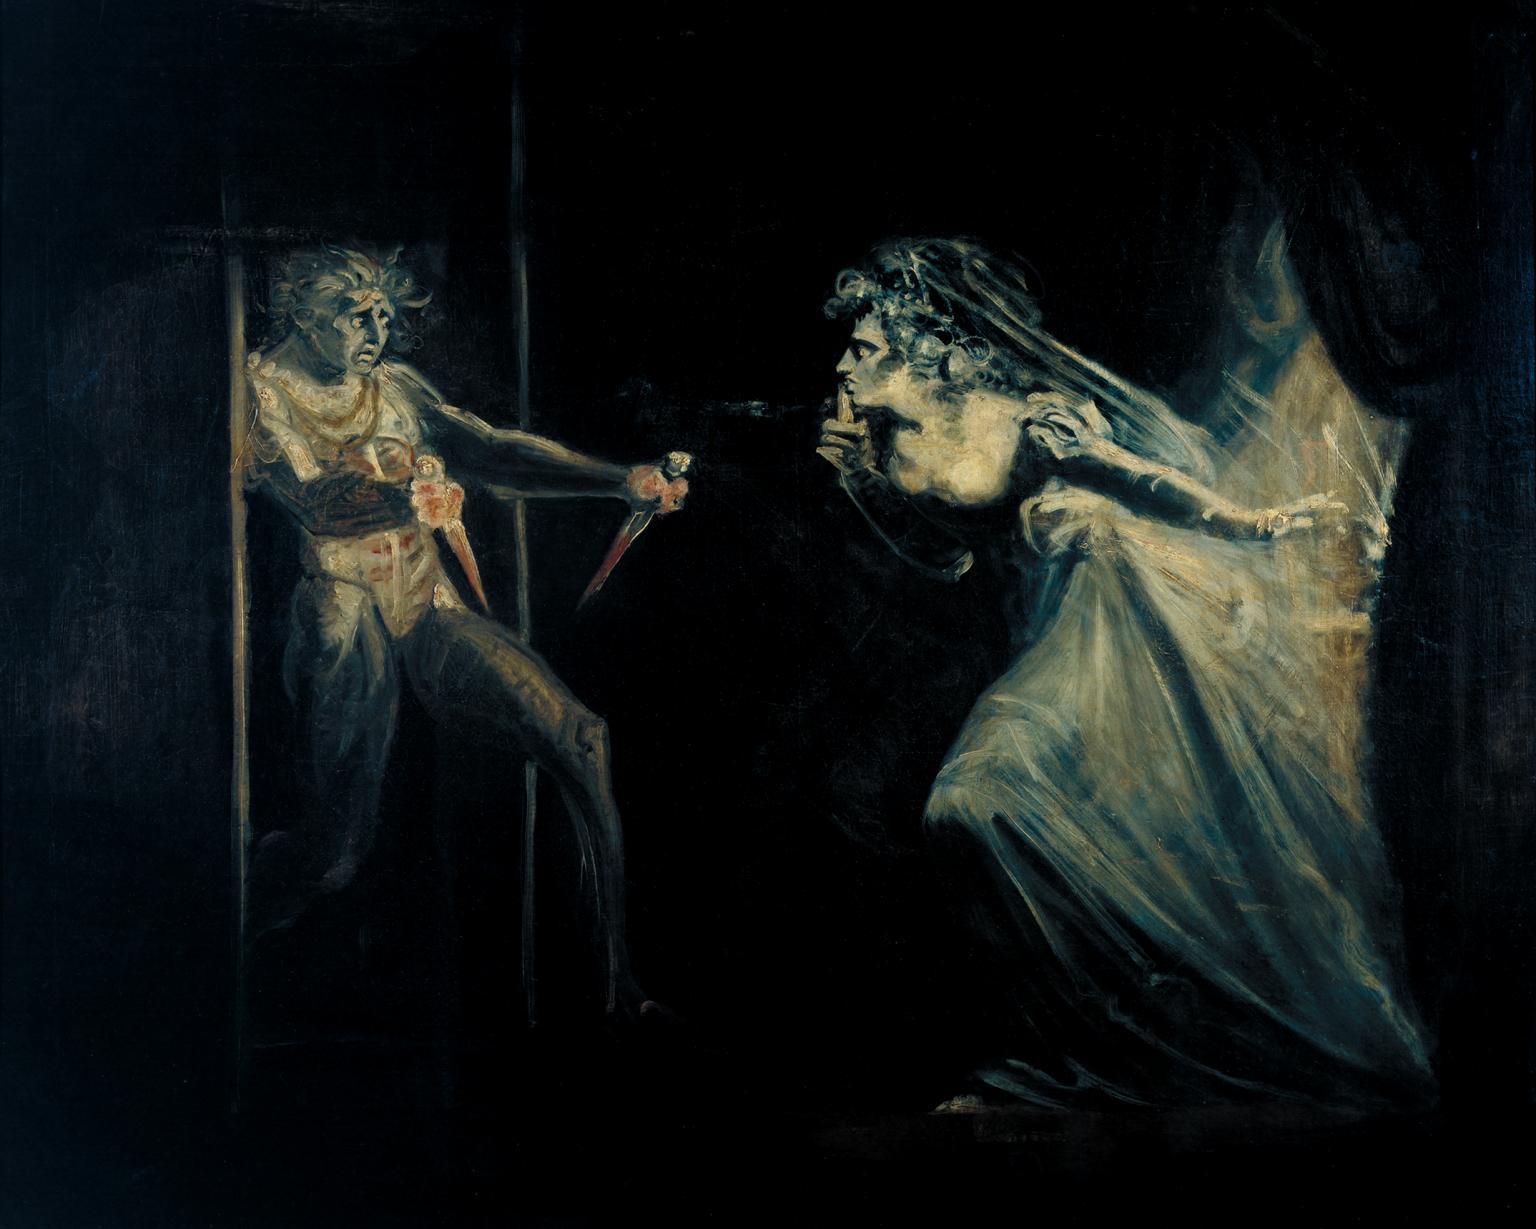 Kaygan, Kaypak, Kanlı: Macbethler, Cinsiyet, İktidar